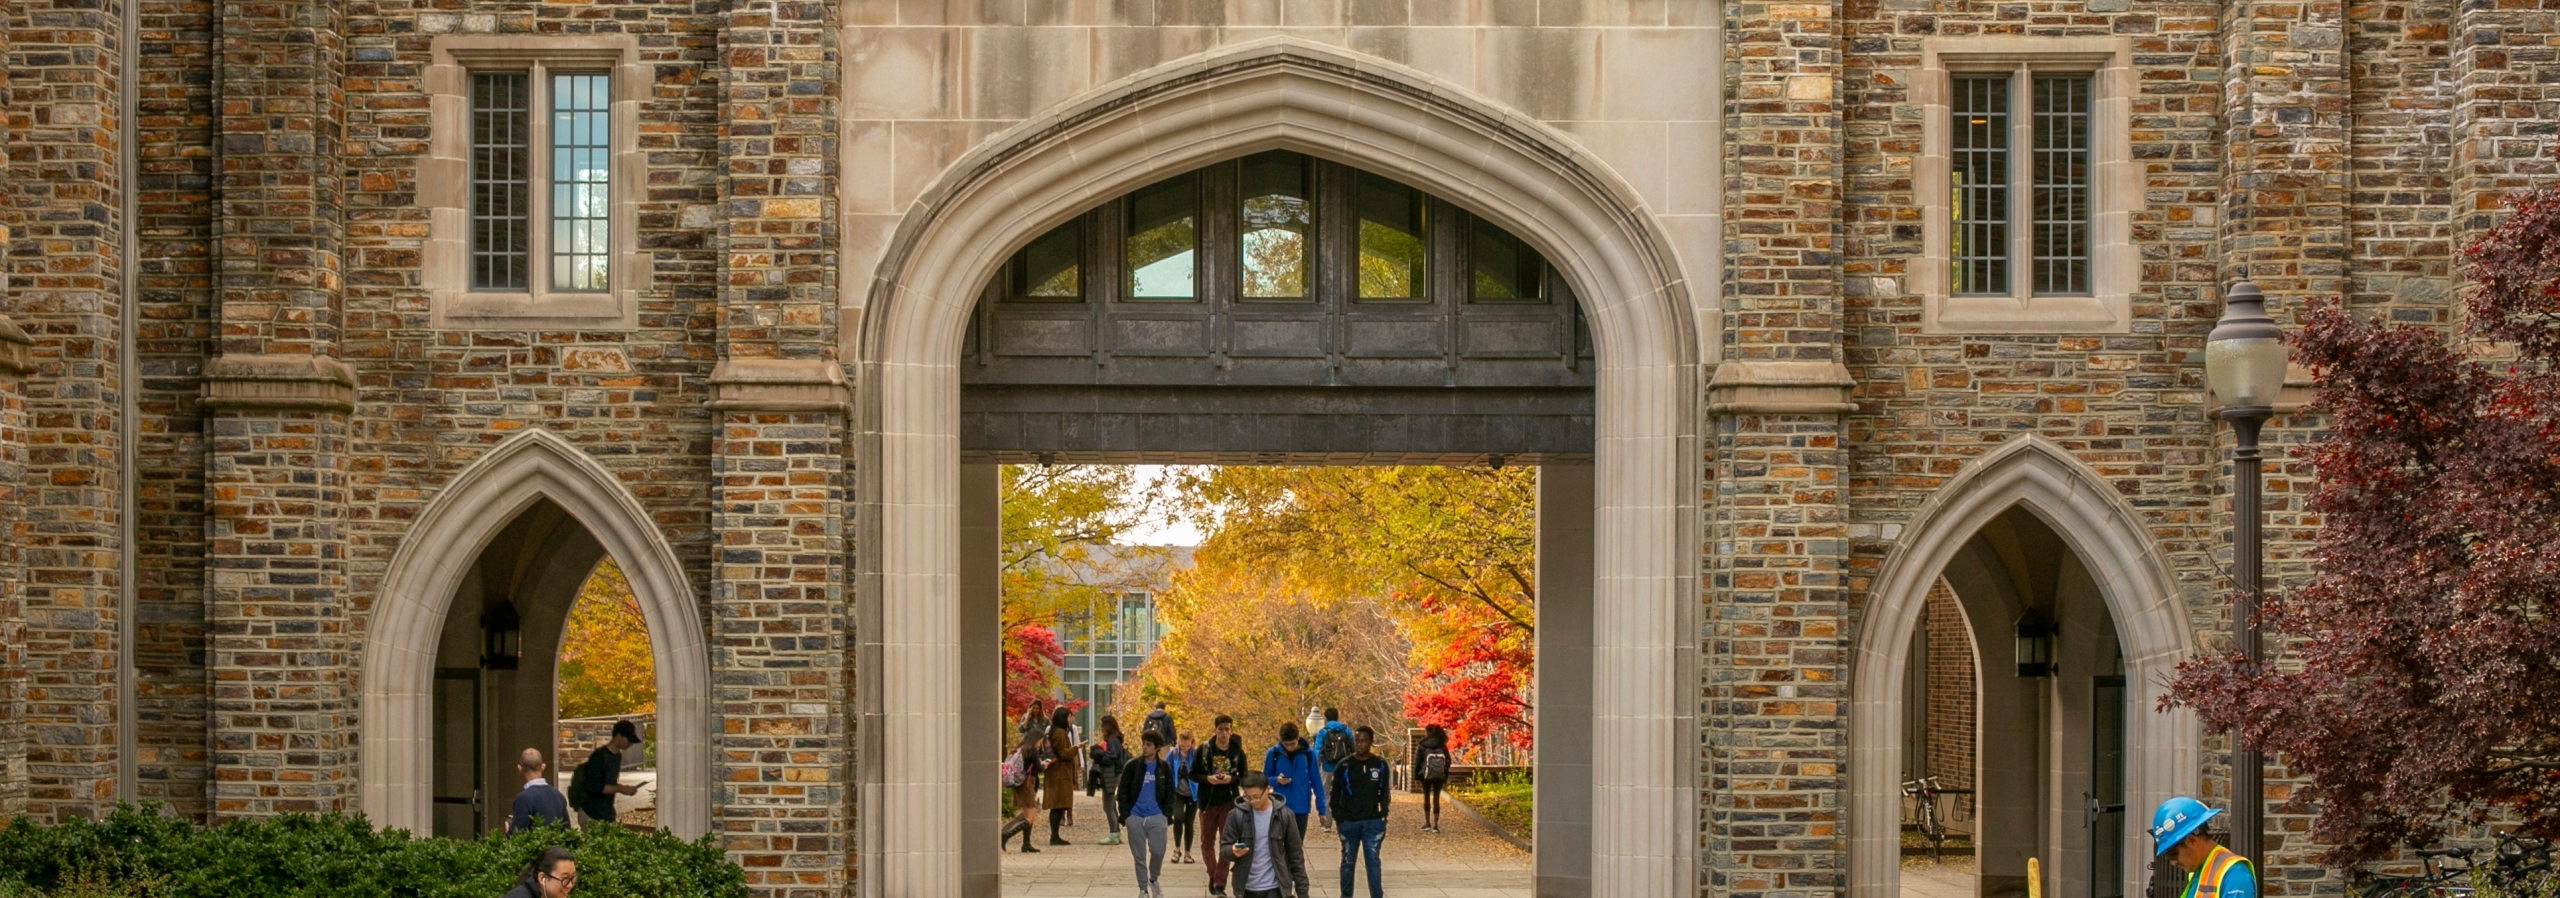 Autumn on Duke's campus